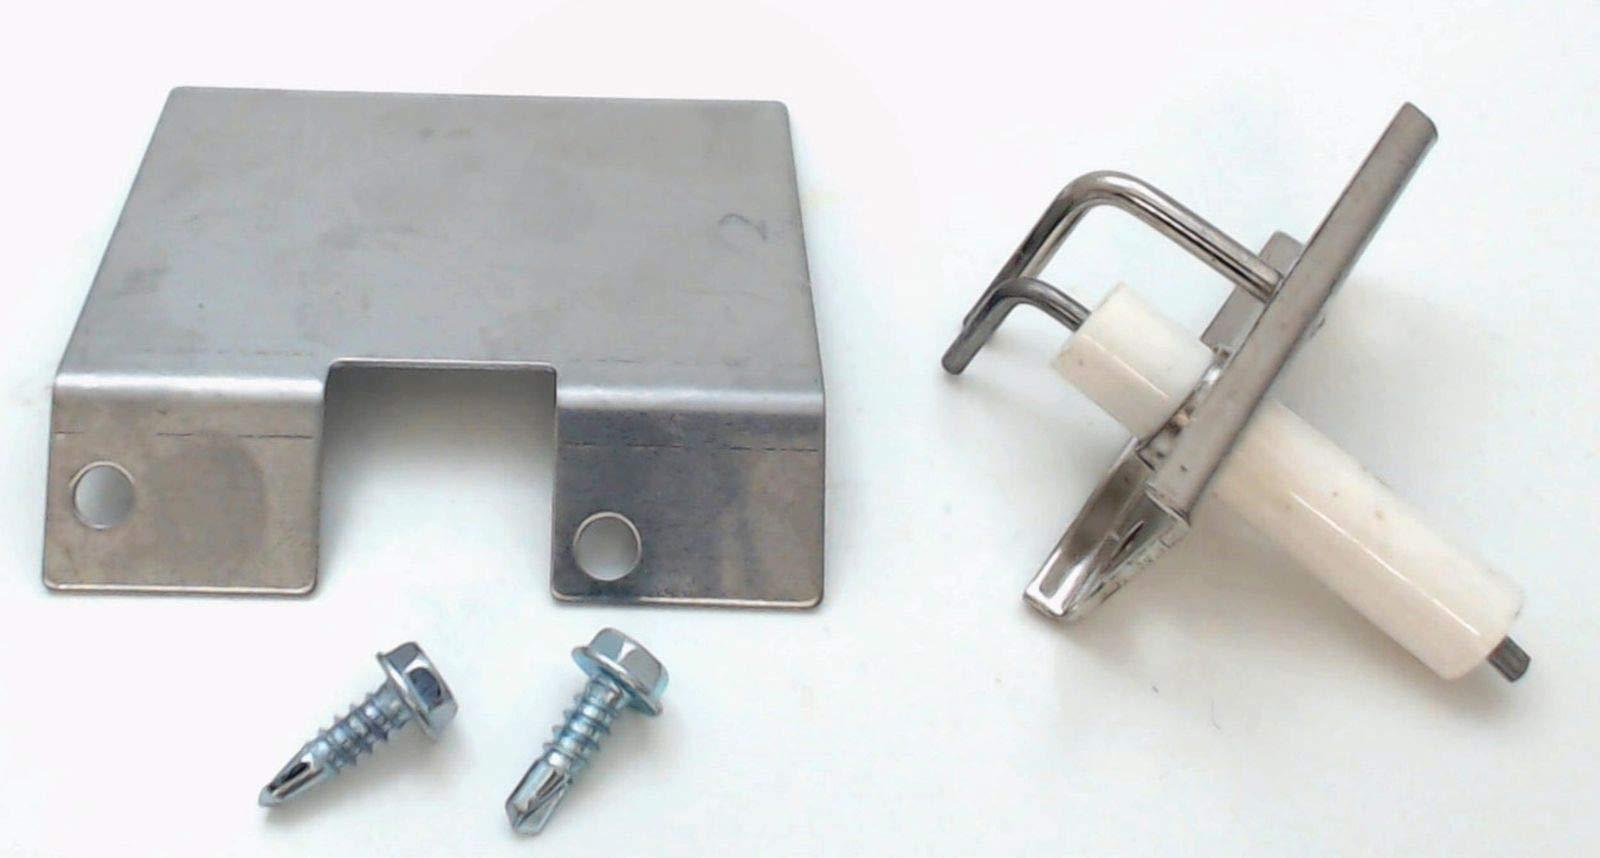 Grilling Corner Ceramic Electrode & Mounting Bracket for Sonoma 949725CGR27, 949725CGR30, Electrolux E57LB60ESS, E57LK60ESS, Altima AGR30P, AGR30PF by Grilling Corner